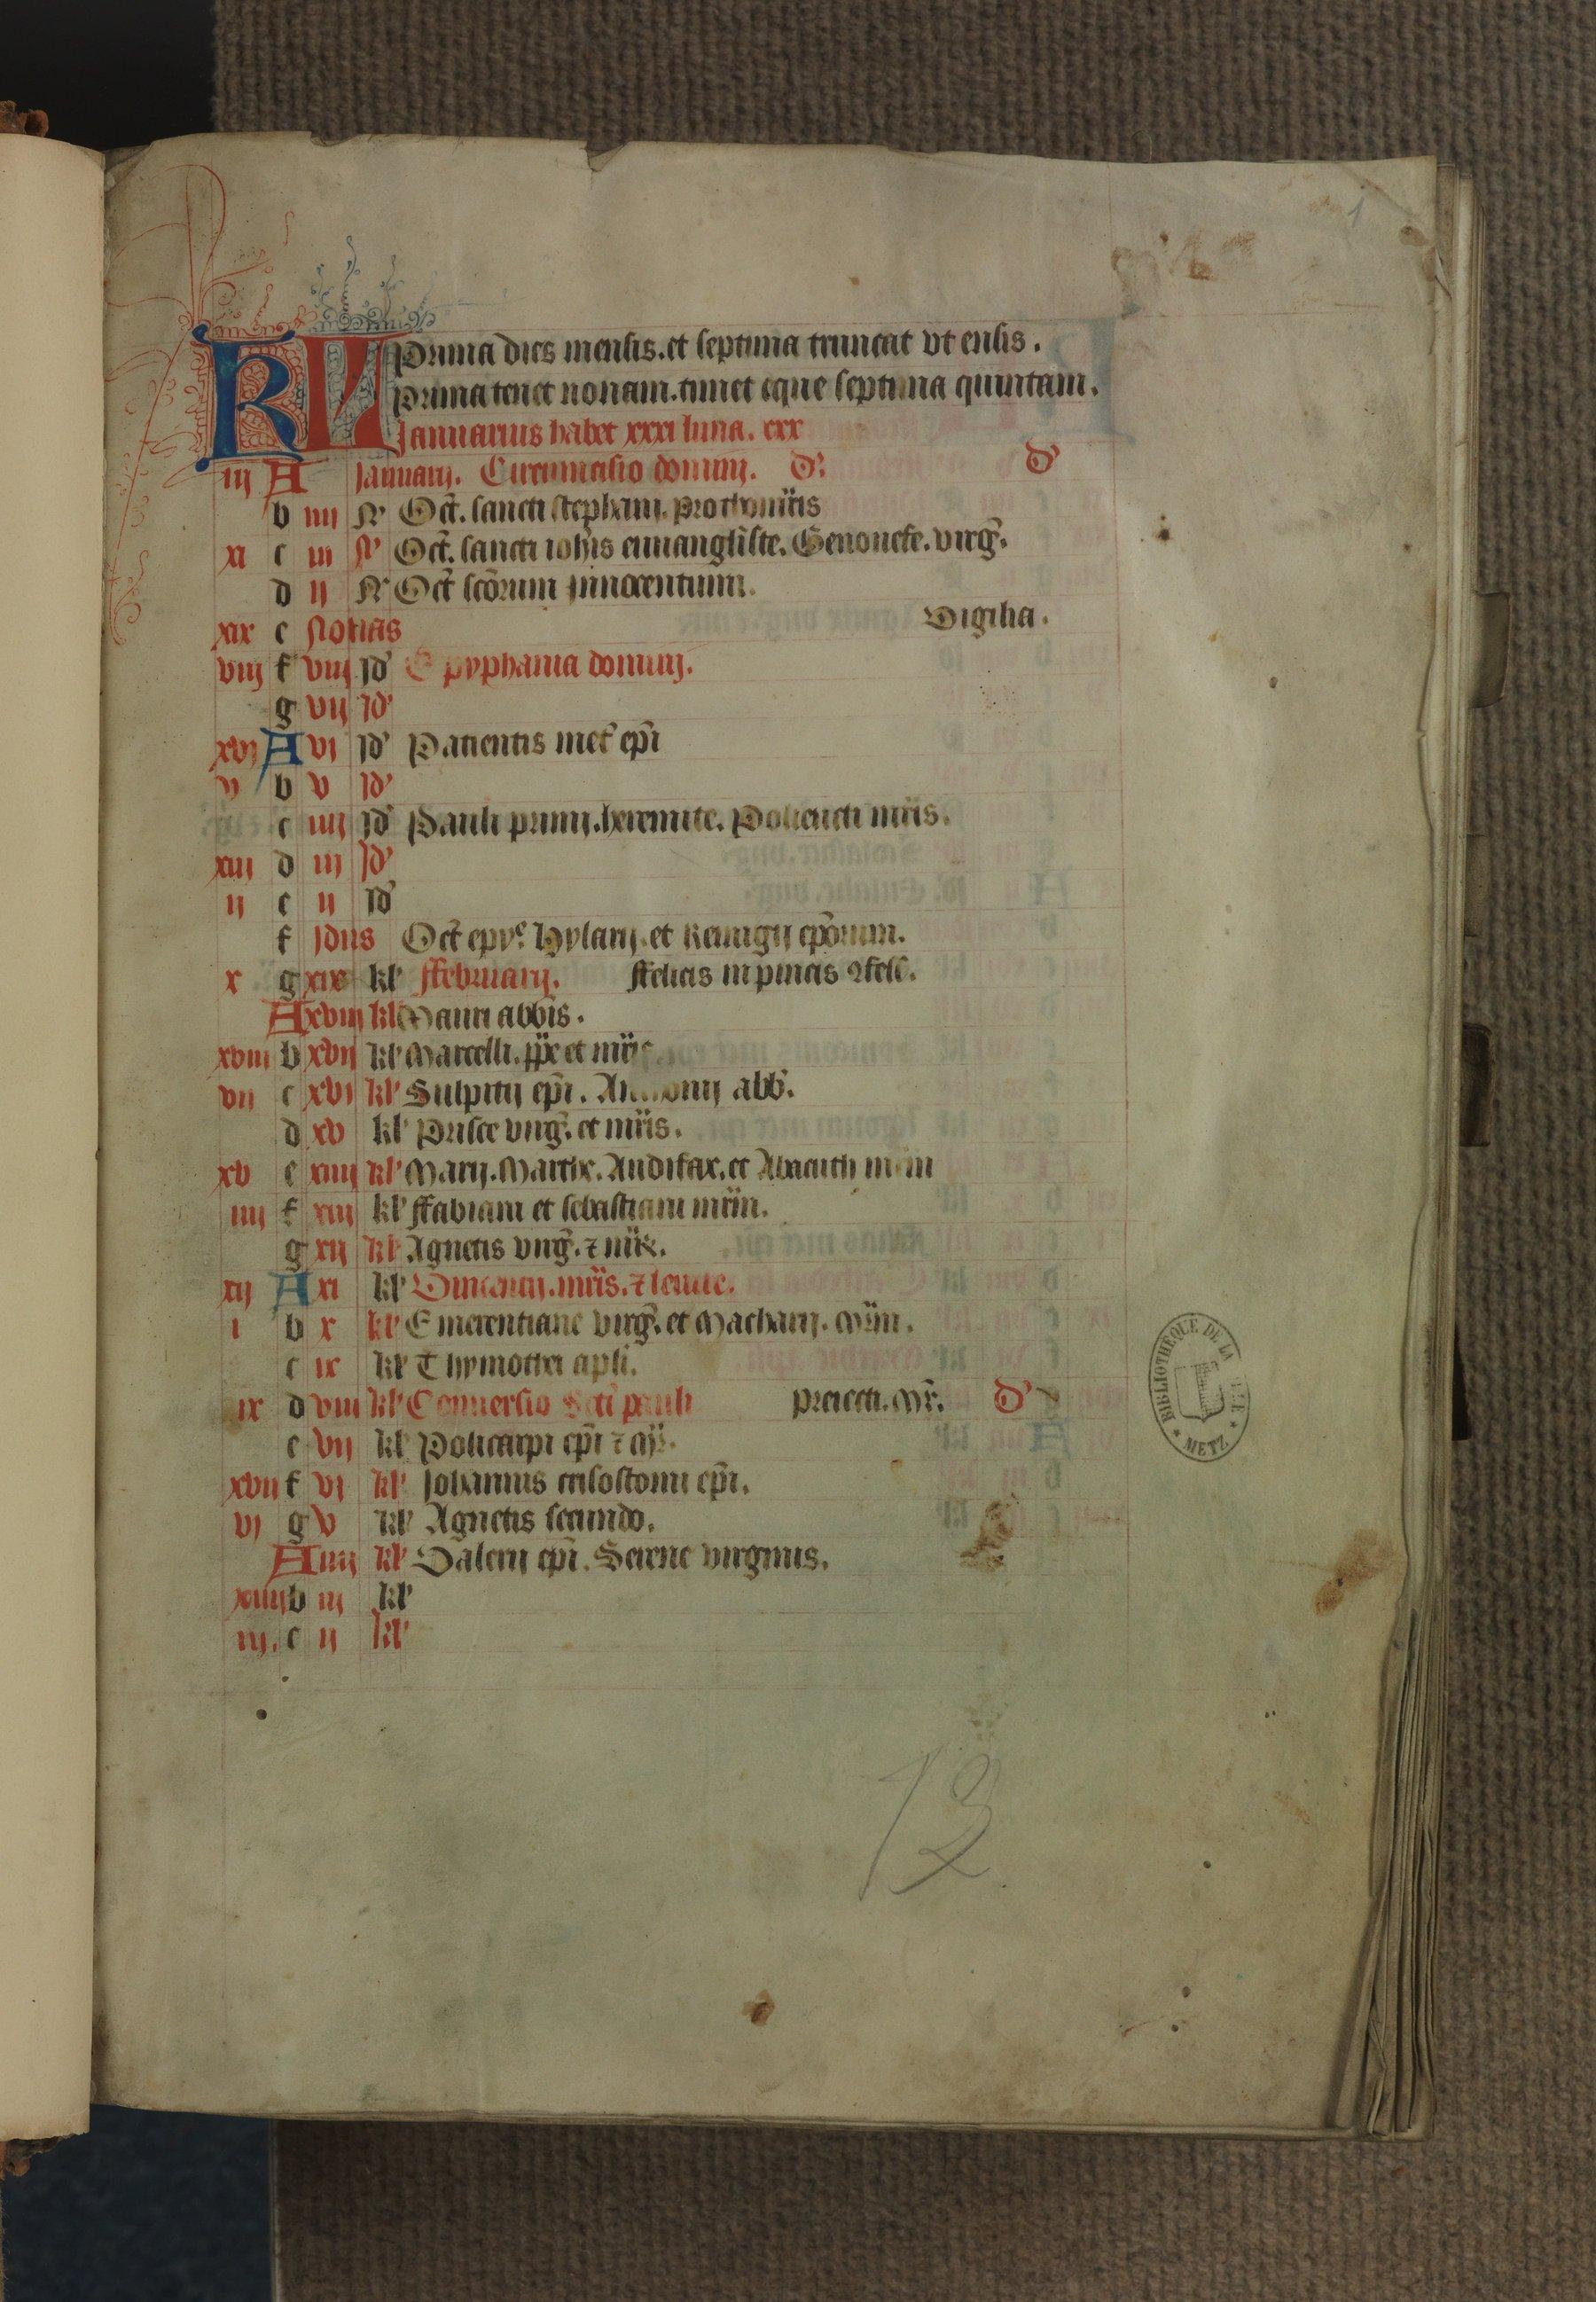 Contenu du Missale